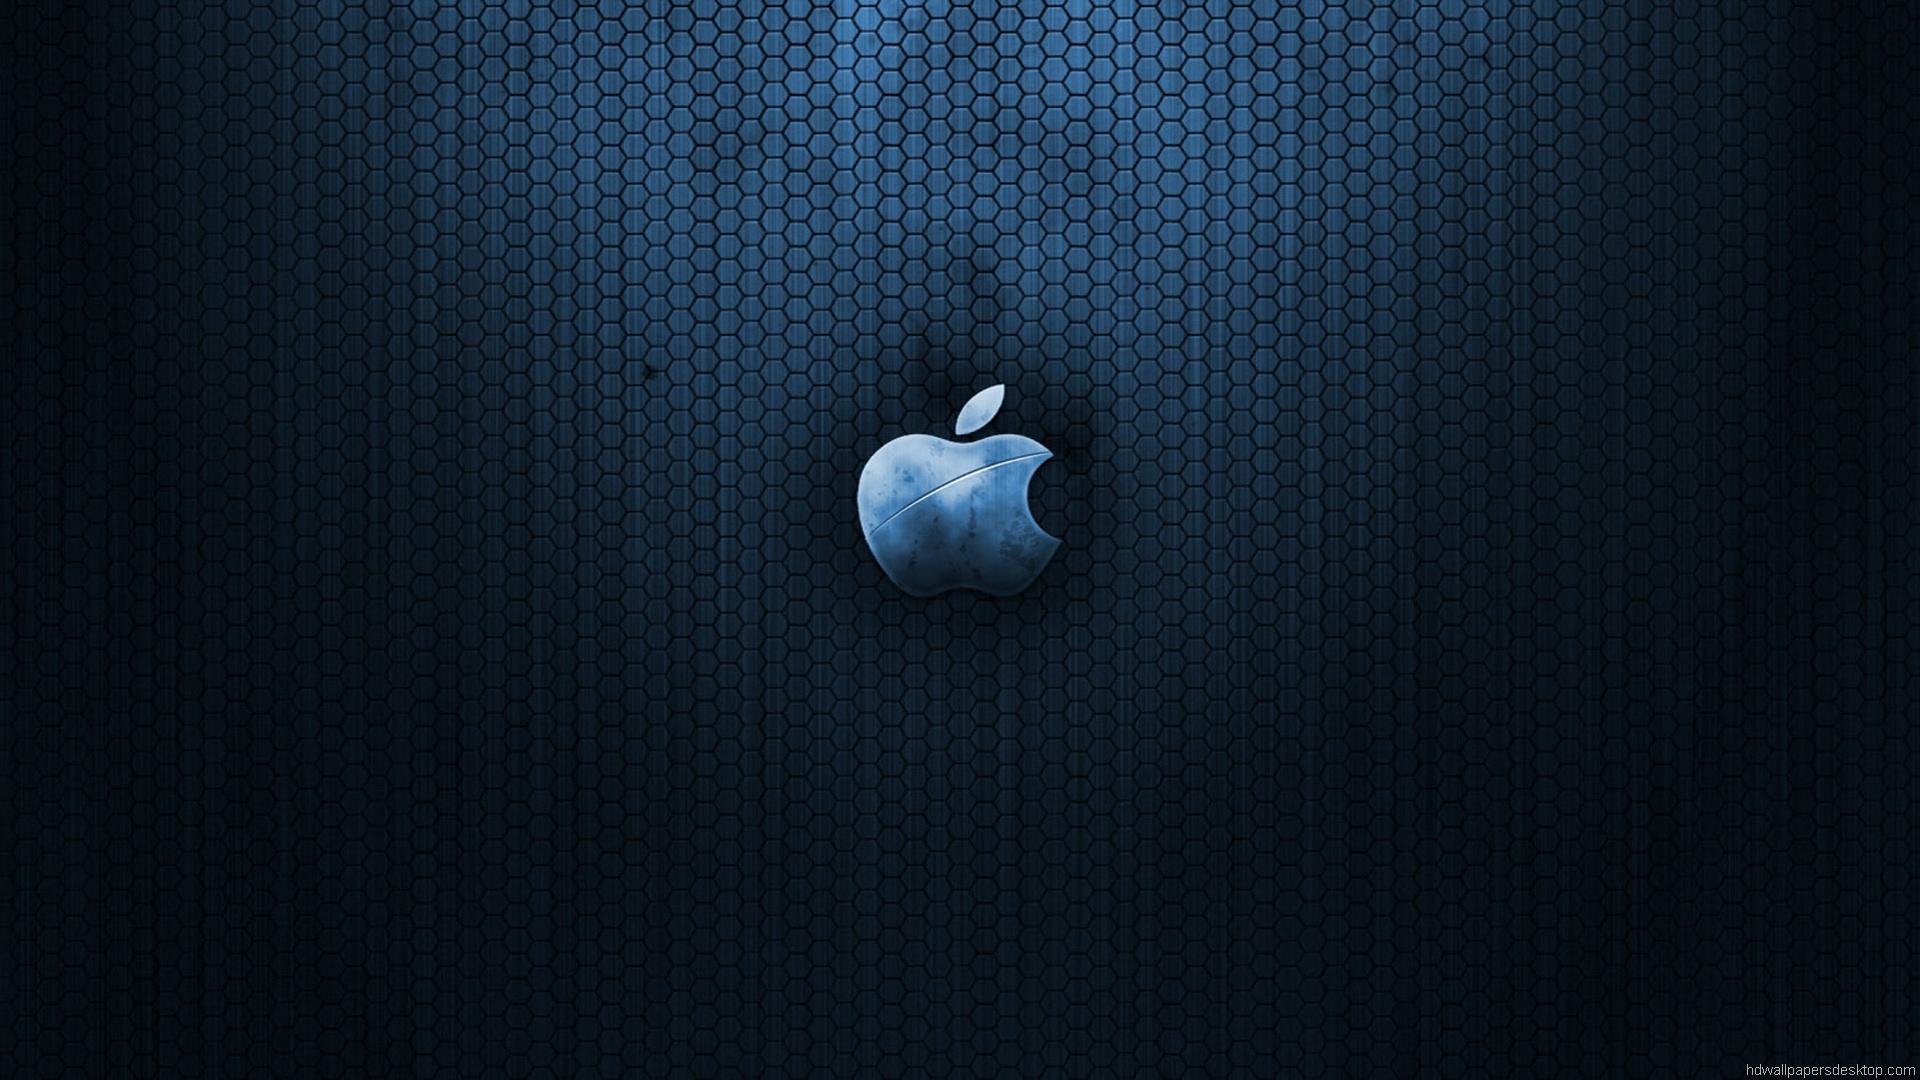 Free Download Apple Wallpaper Full Hd 1080p Desktop